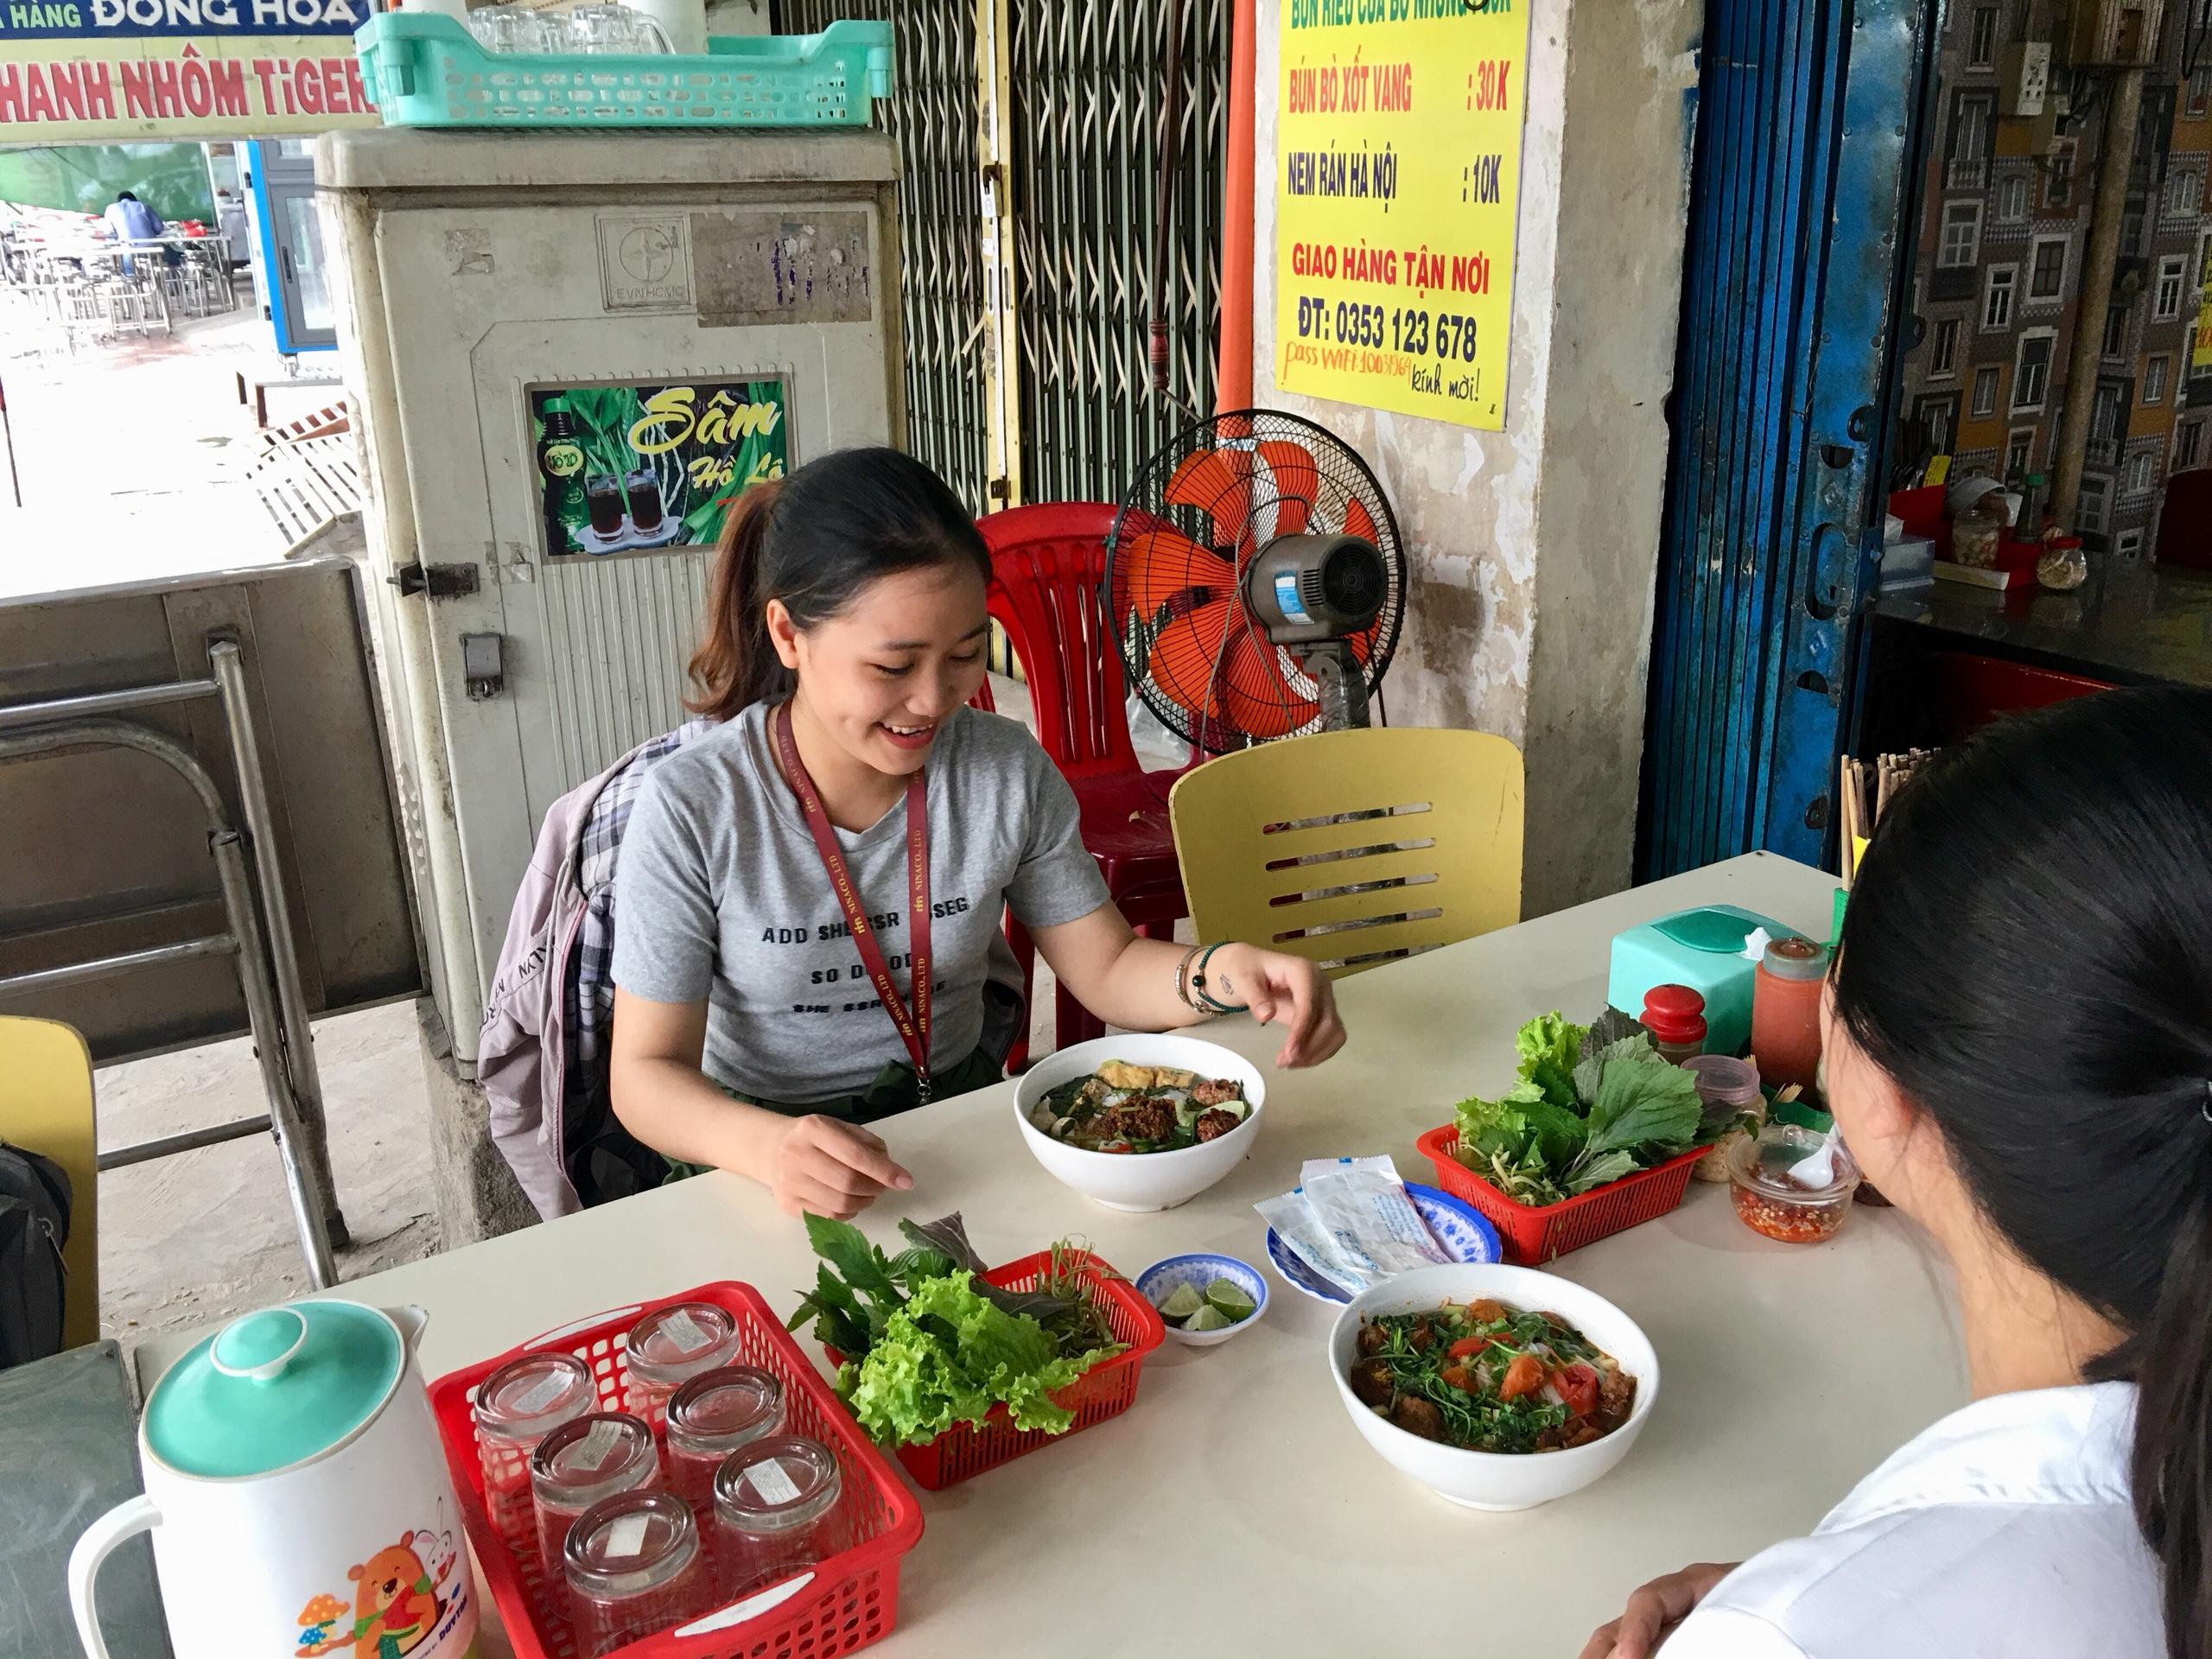 Quán ăn, ẩm thực: Quán Bún Chả Ngon Quận Bình Thạnh 15441752630